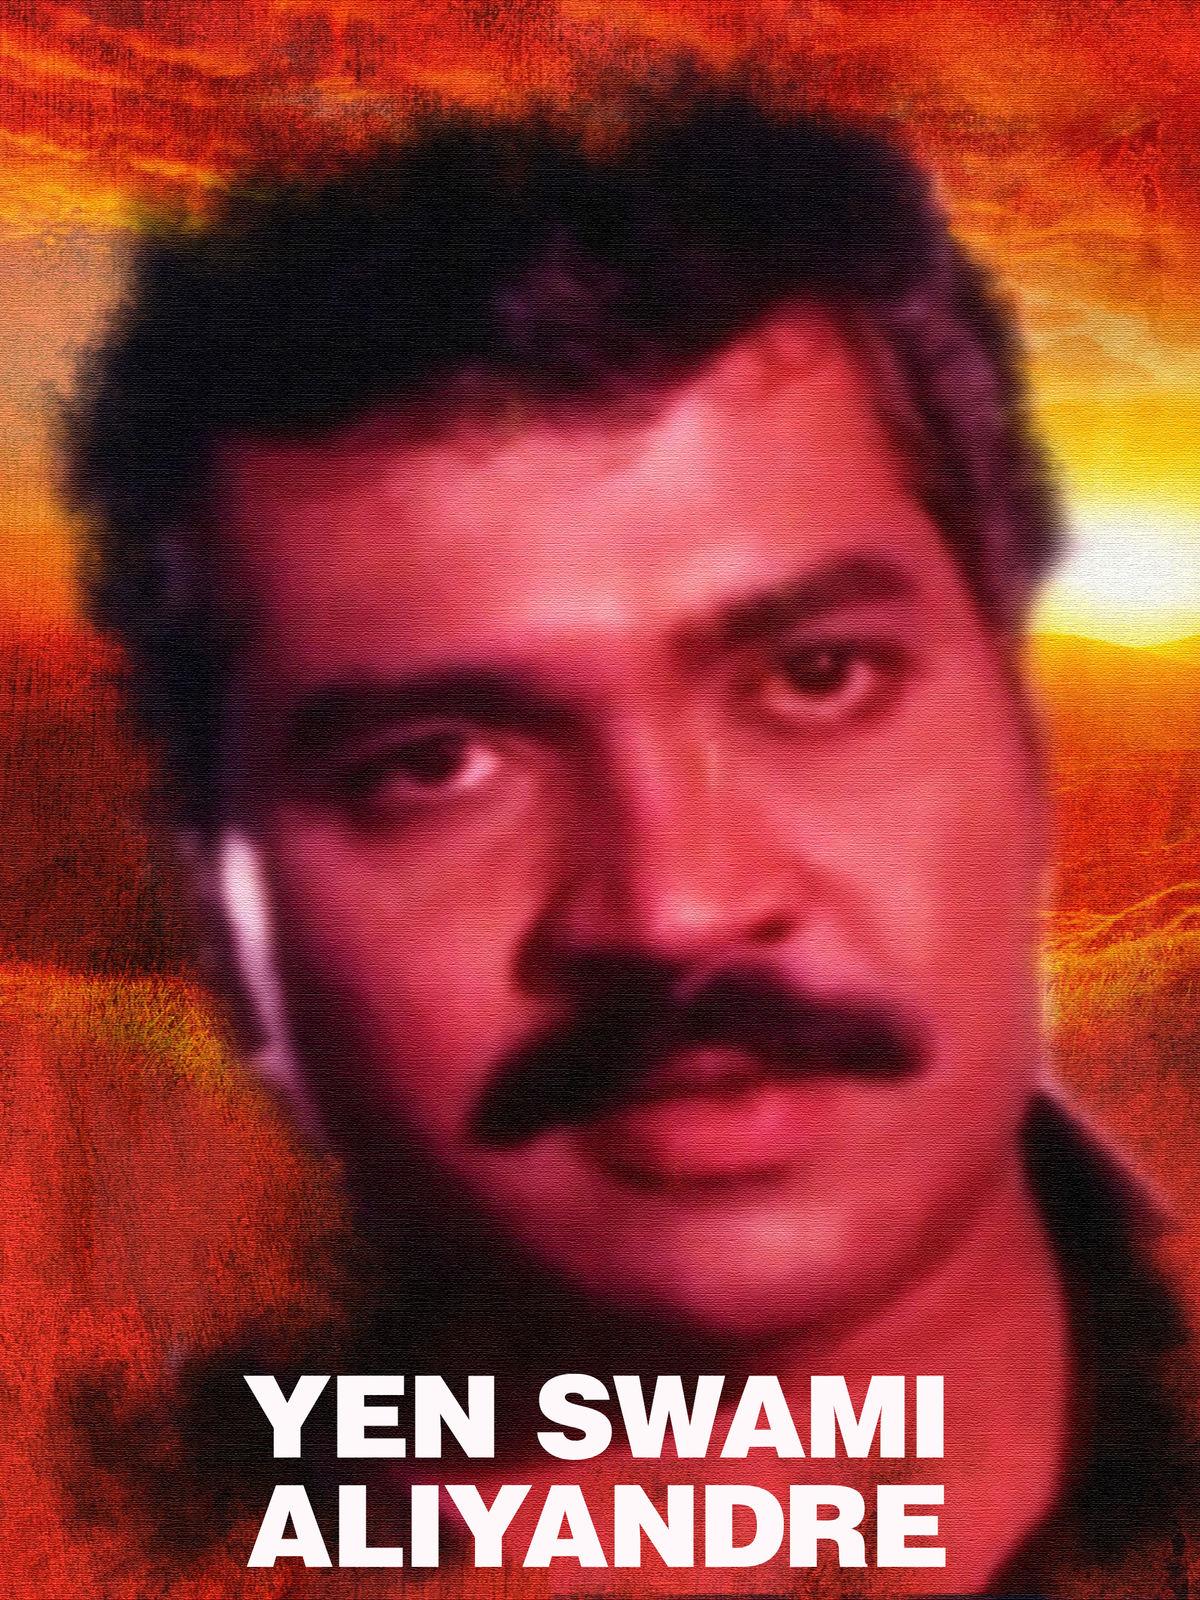 Yen Swami Aliyandre